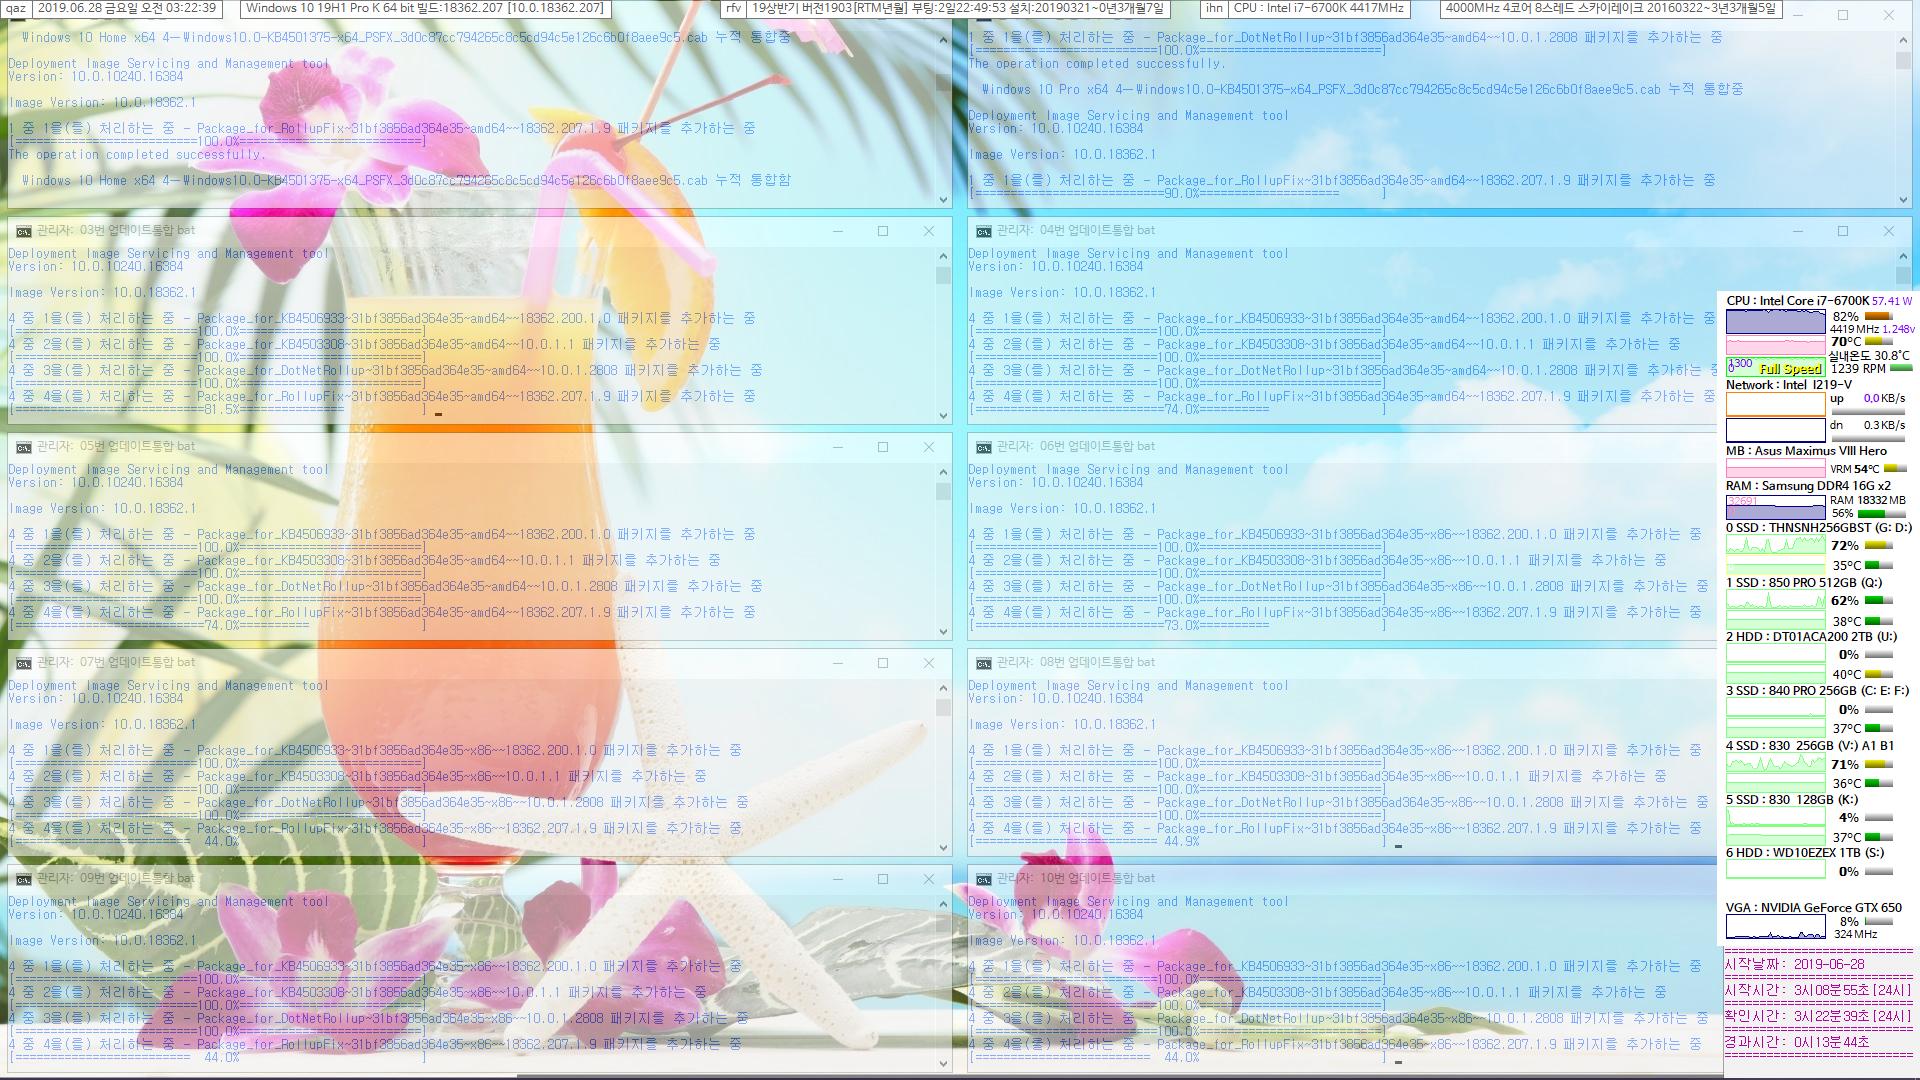 Windows 10 버전 1903 누적 업데이트 KB4501375 (OS 빌드 18362.207) [2019-06-27 일자] 수시 업데이트 통합중 입니다 - 인사이더 프리뷰용으로 나온 것과 해시값이 같습니다. 서비스 스택 업데이트까지 2019-06-28_032239.png